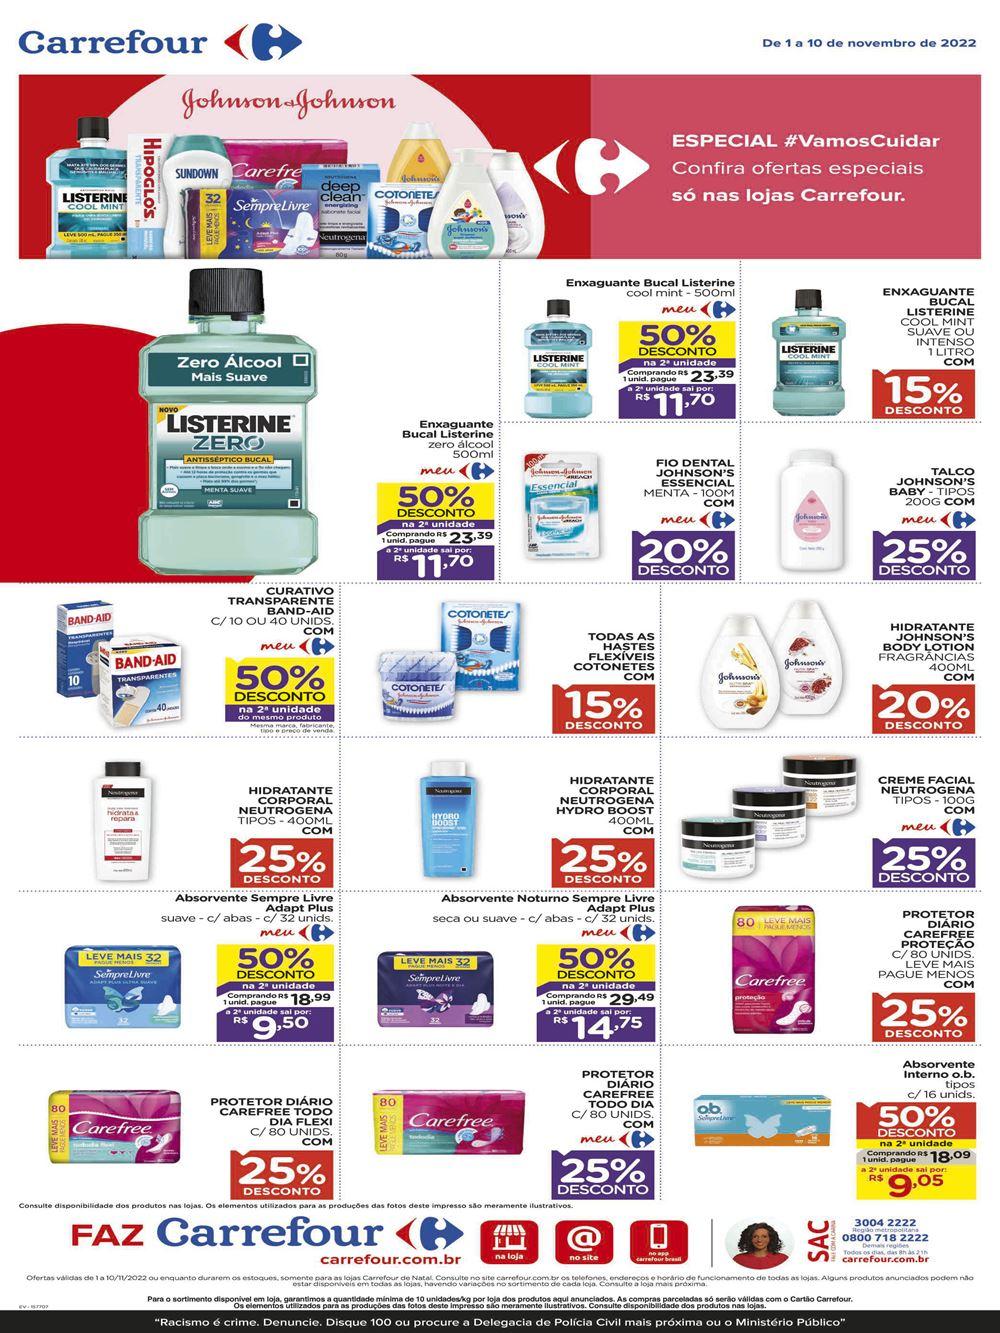 carrefour-ofertas-descontos-hoje13-22 Carrefour Tabloide Recife até 29/07